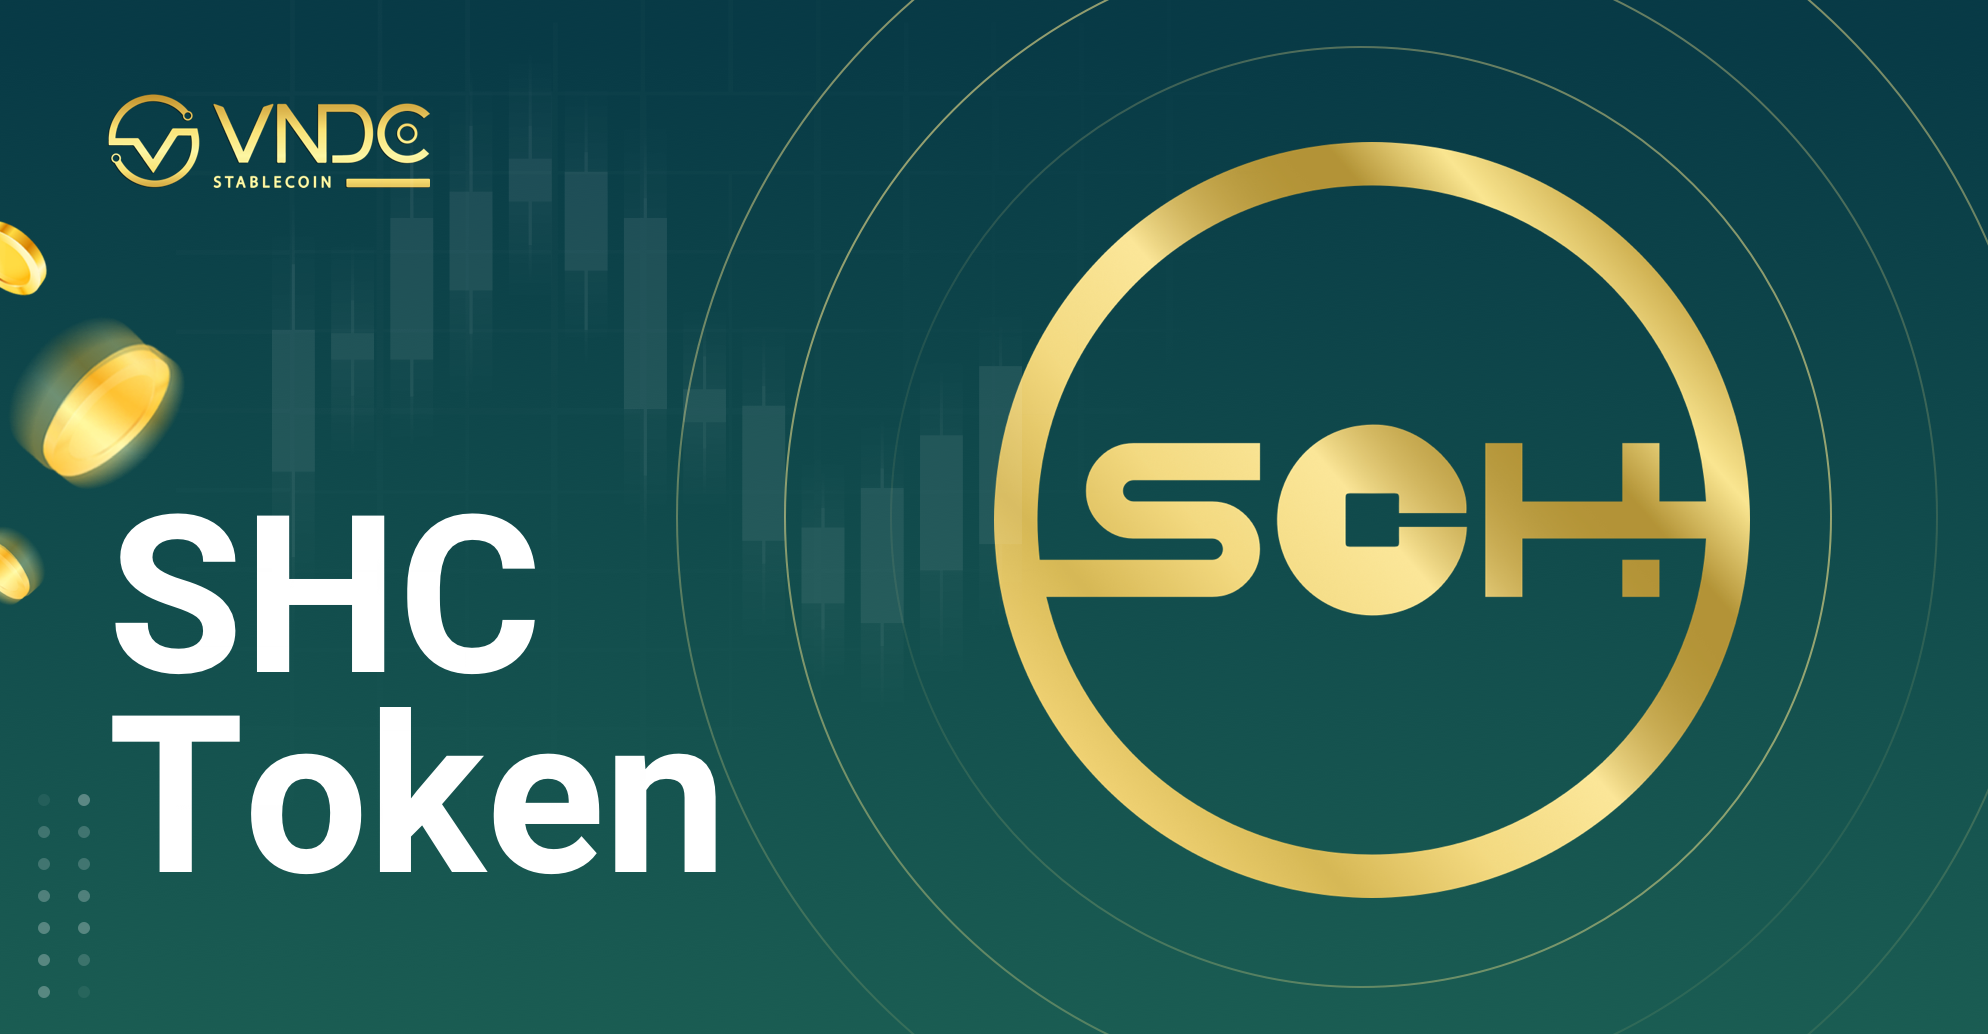 Thông báo chính thức về việc giao dịch SHC trái phép trên P2P